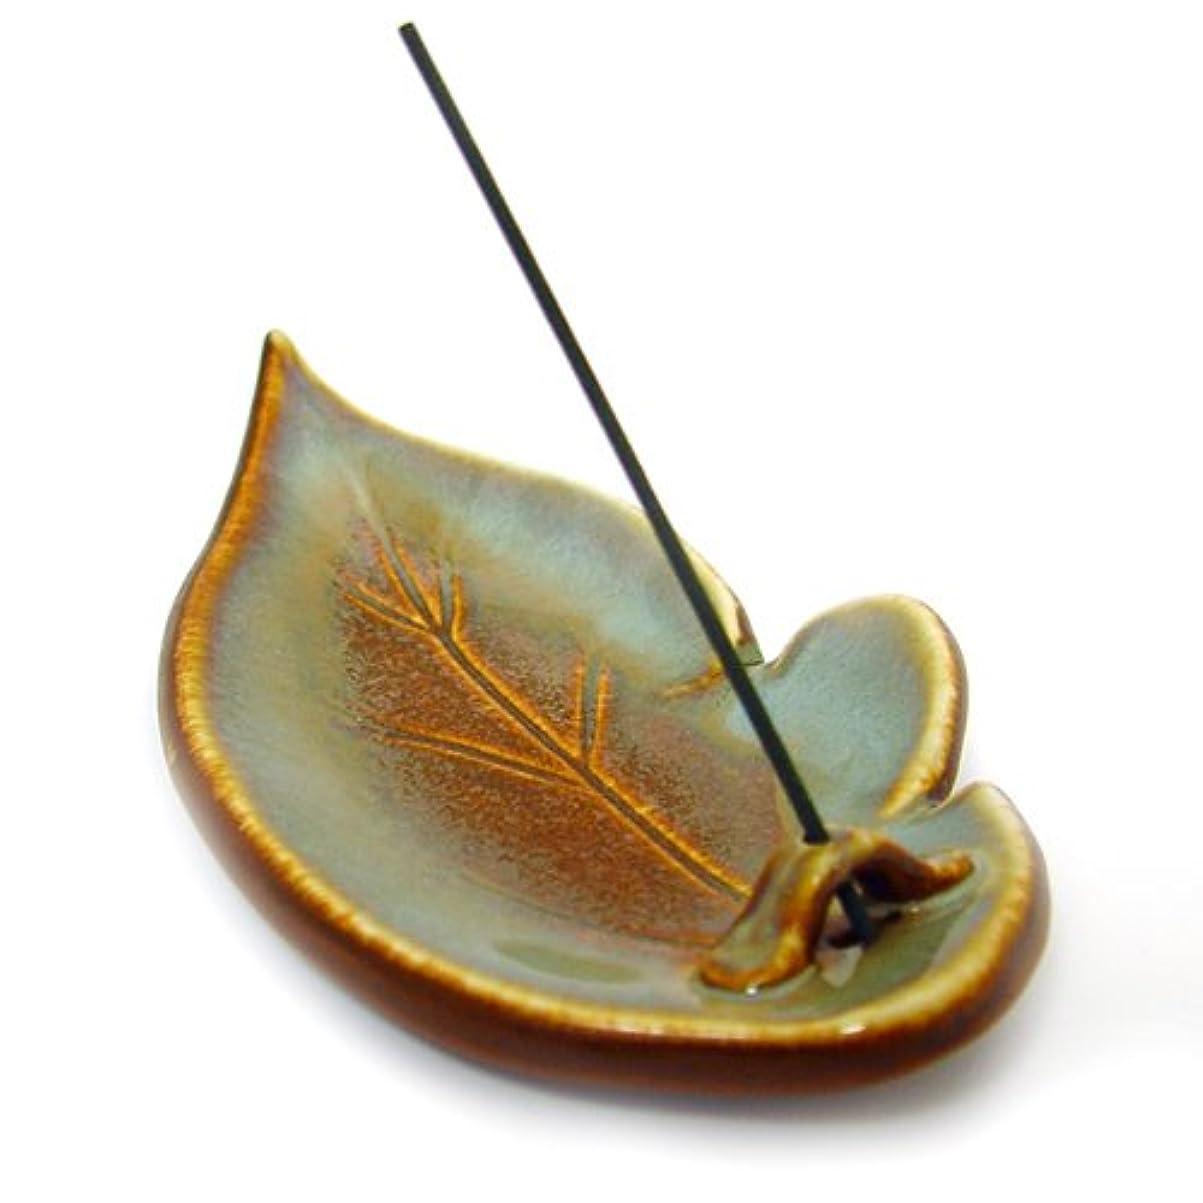 代数的パラメータ感染するShoyeido's Desert Sage Ceramic Leaf Incense Holder by SHOYEIDO [並行輸入品]